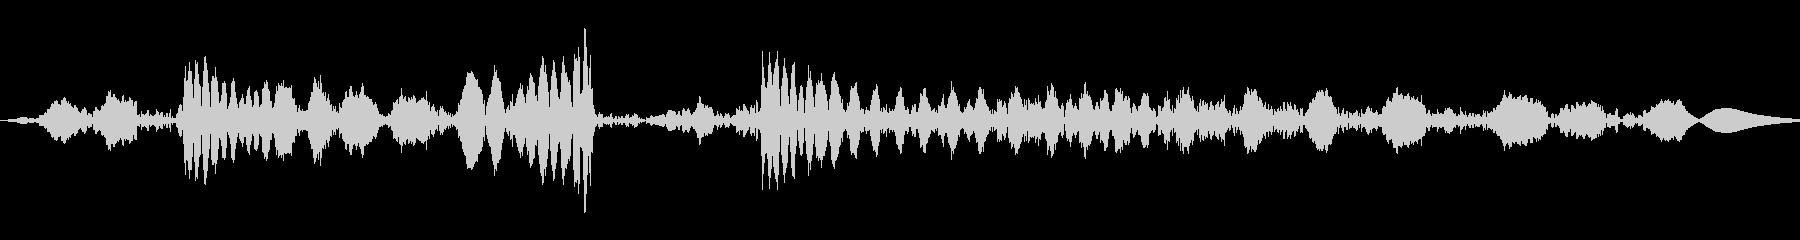 ジュクジュー:レコードのスクラッチ:モノの未再生の波形